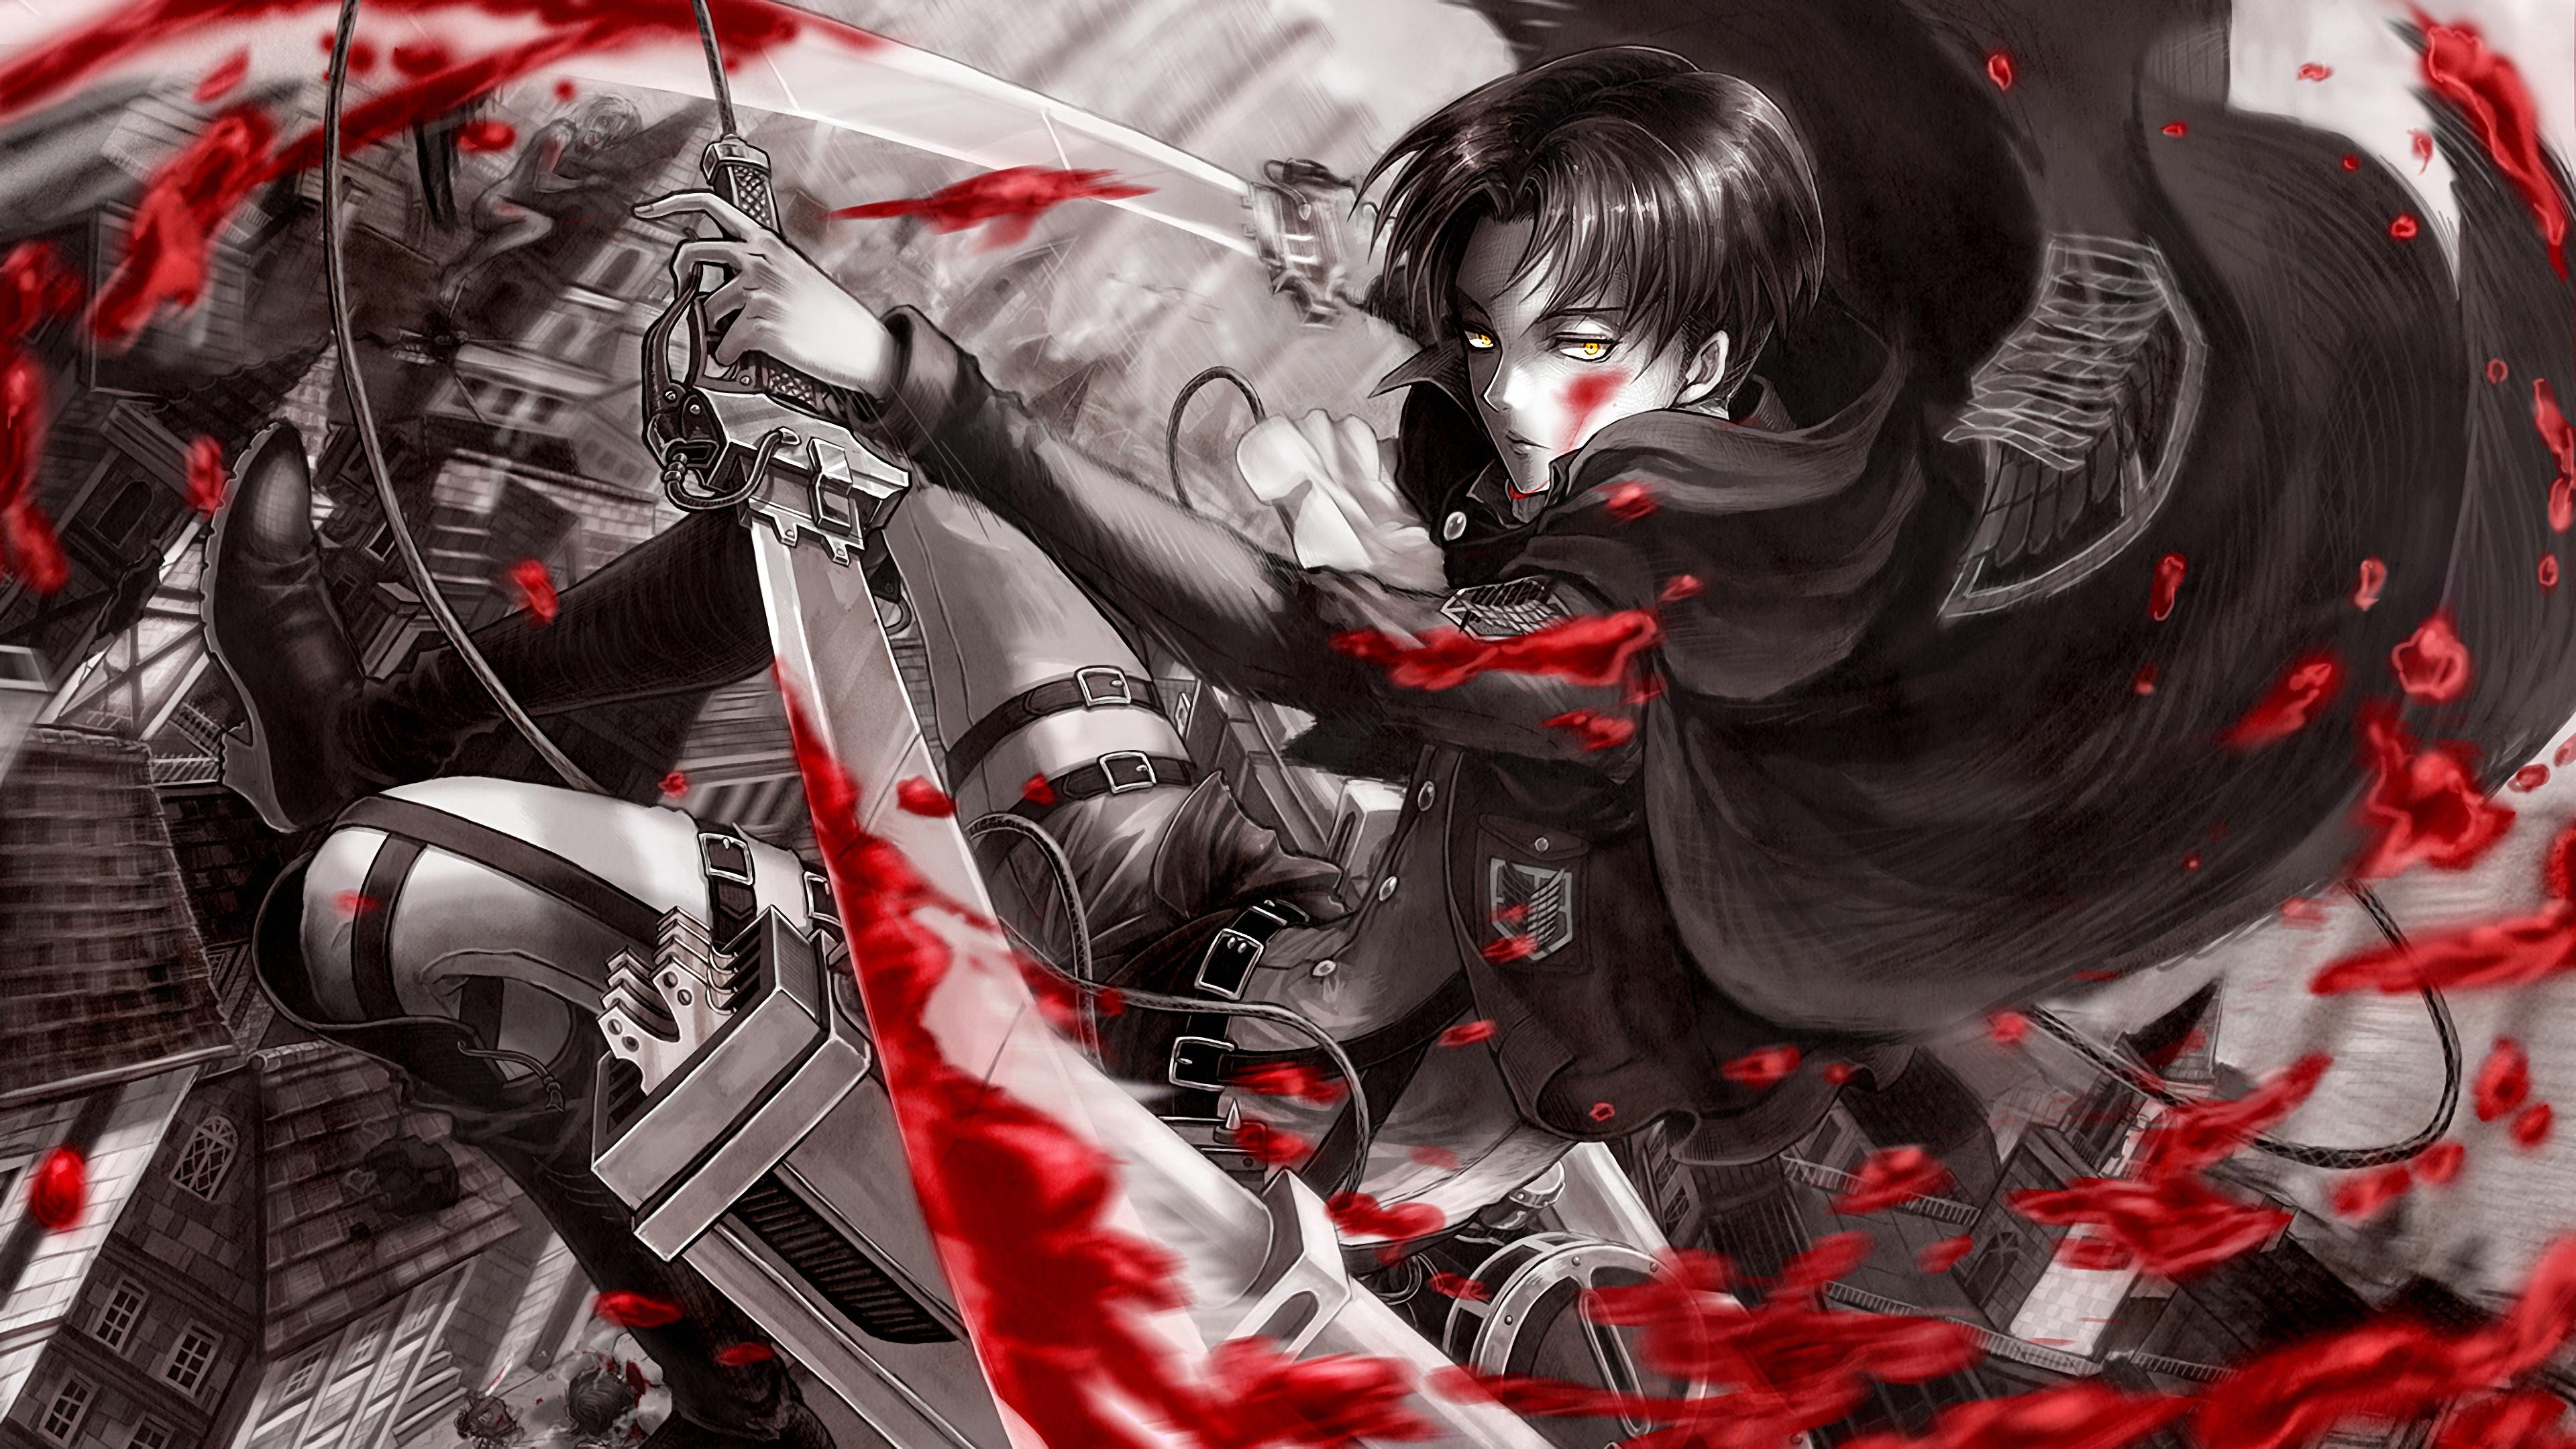 Get ready to defend shiganshina! Attack on Titan (Shingeki no Kyojin) 4K 8K HD Wallpaper